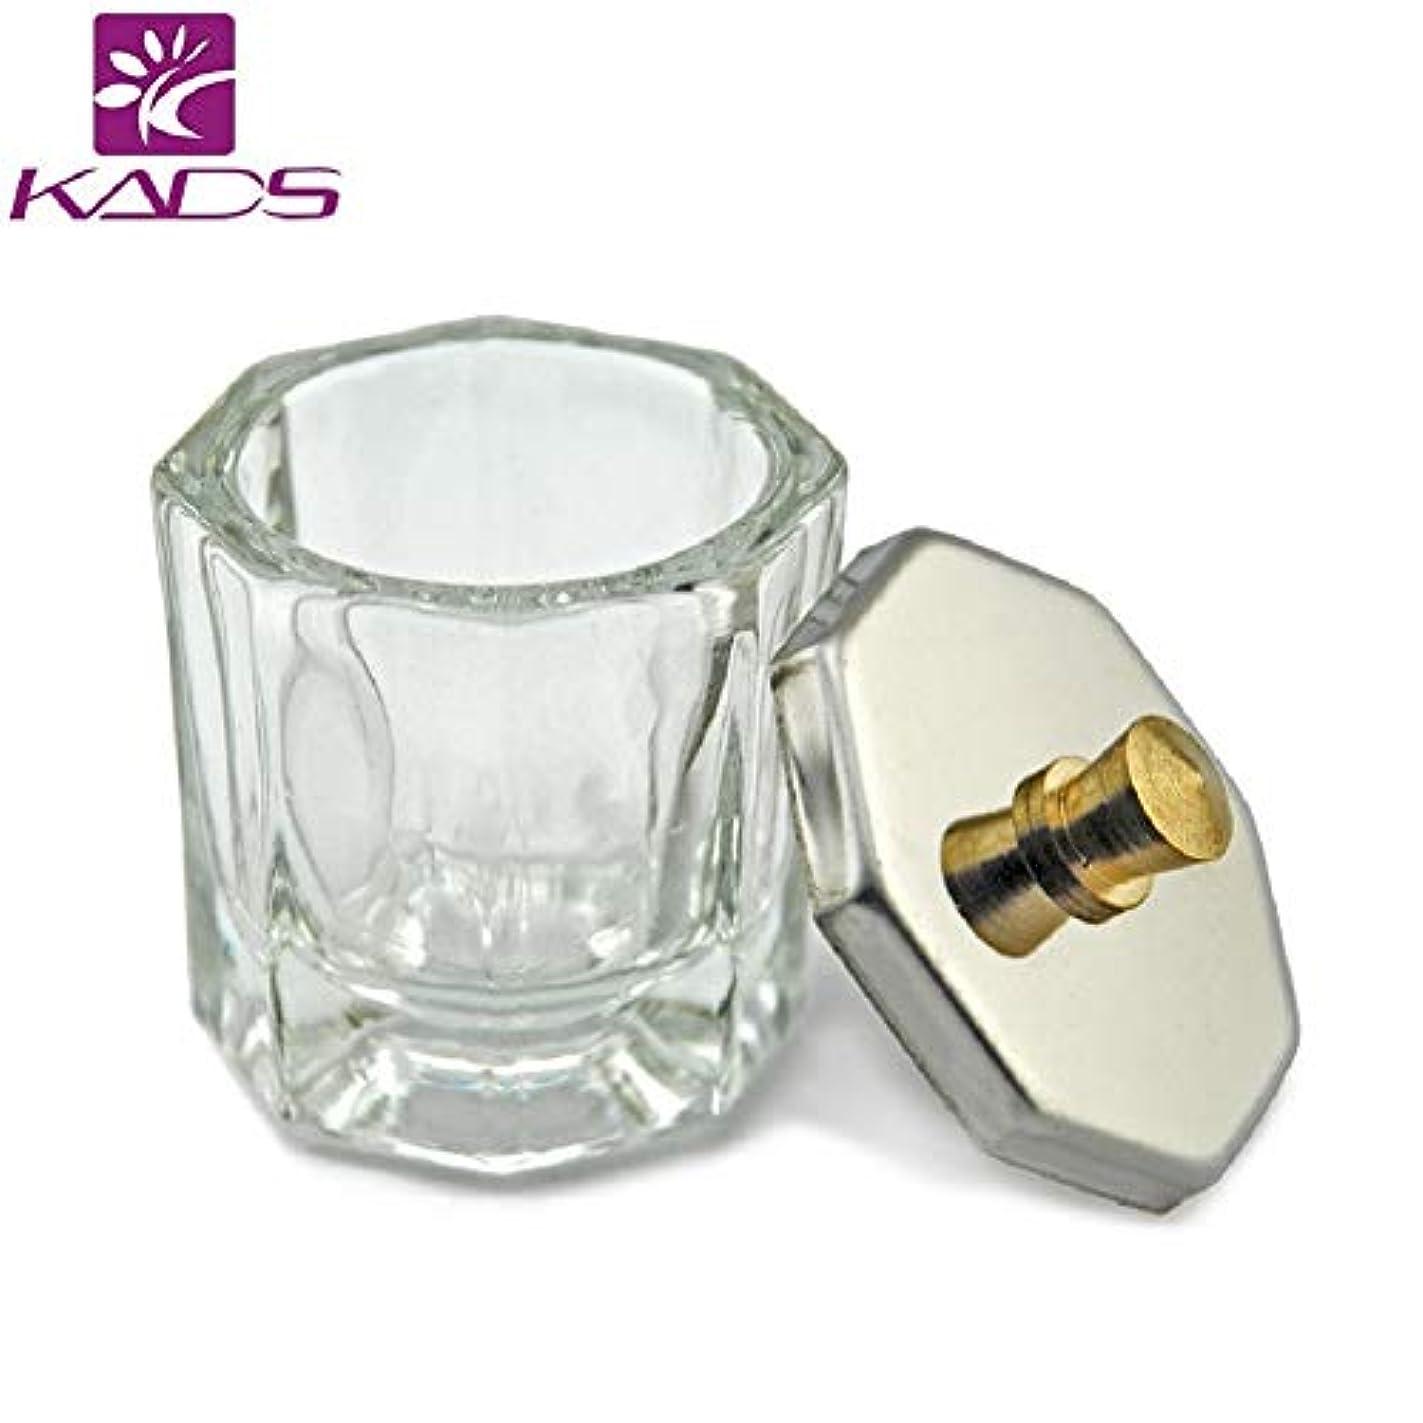 時計回り繁雑太いKADS 八角形ネイルダッペンディッシュ フタ付き ガラス製 筆洗いガラス容器 ジェルネイル用筆洗浄